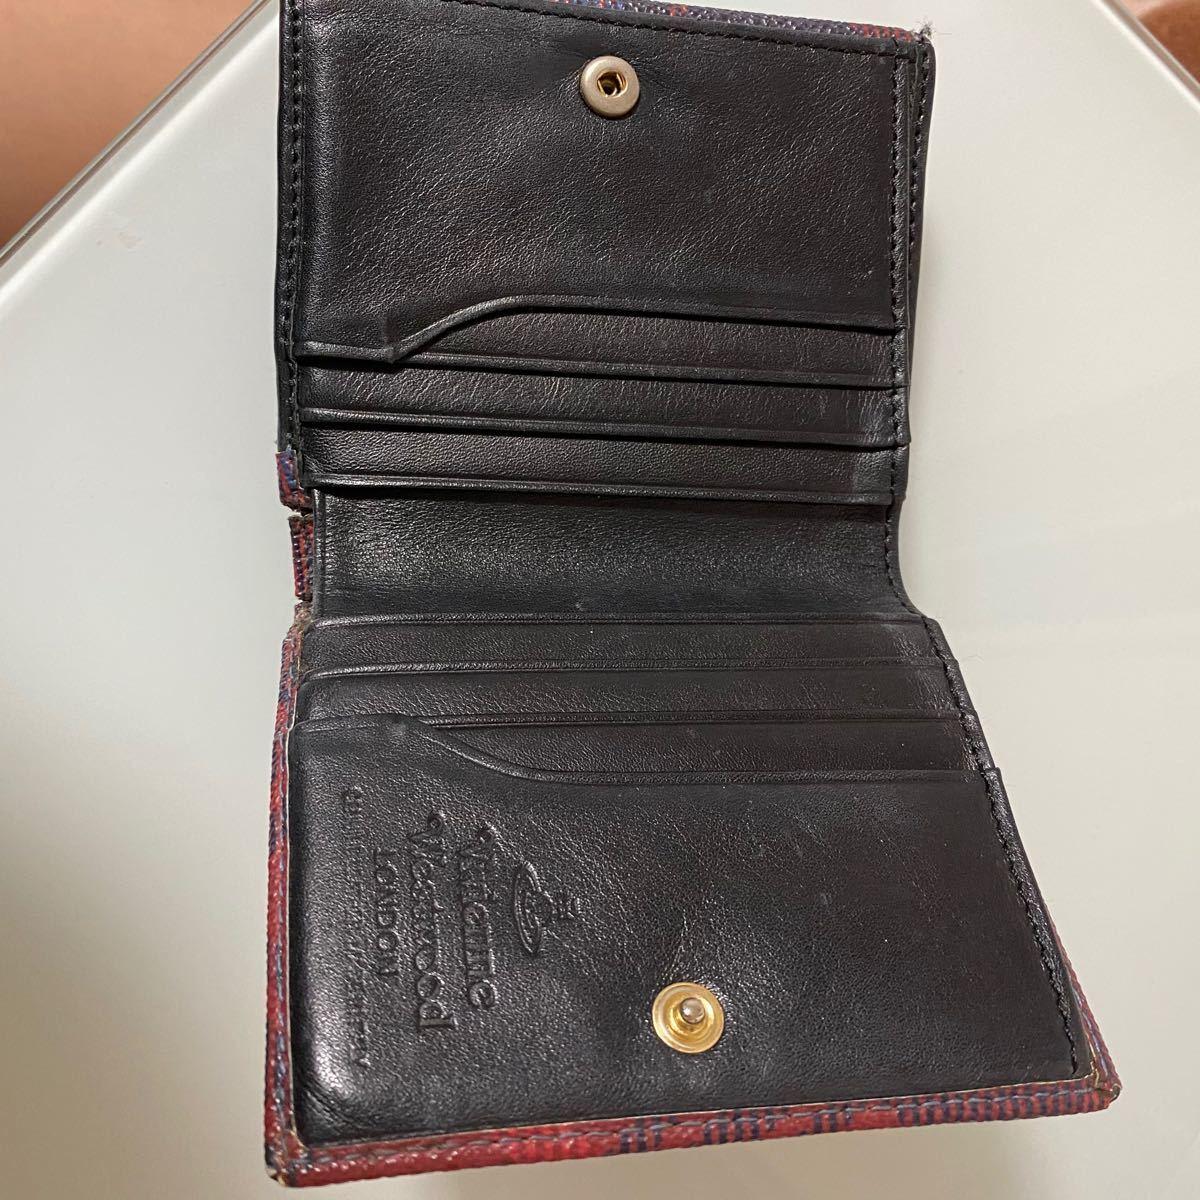 Vivienne Westwood ヴィヴィアンウエストウッド 二つ折り財布 小銭入れ